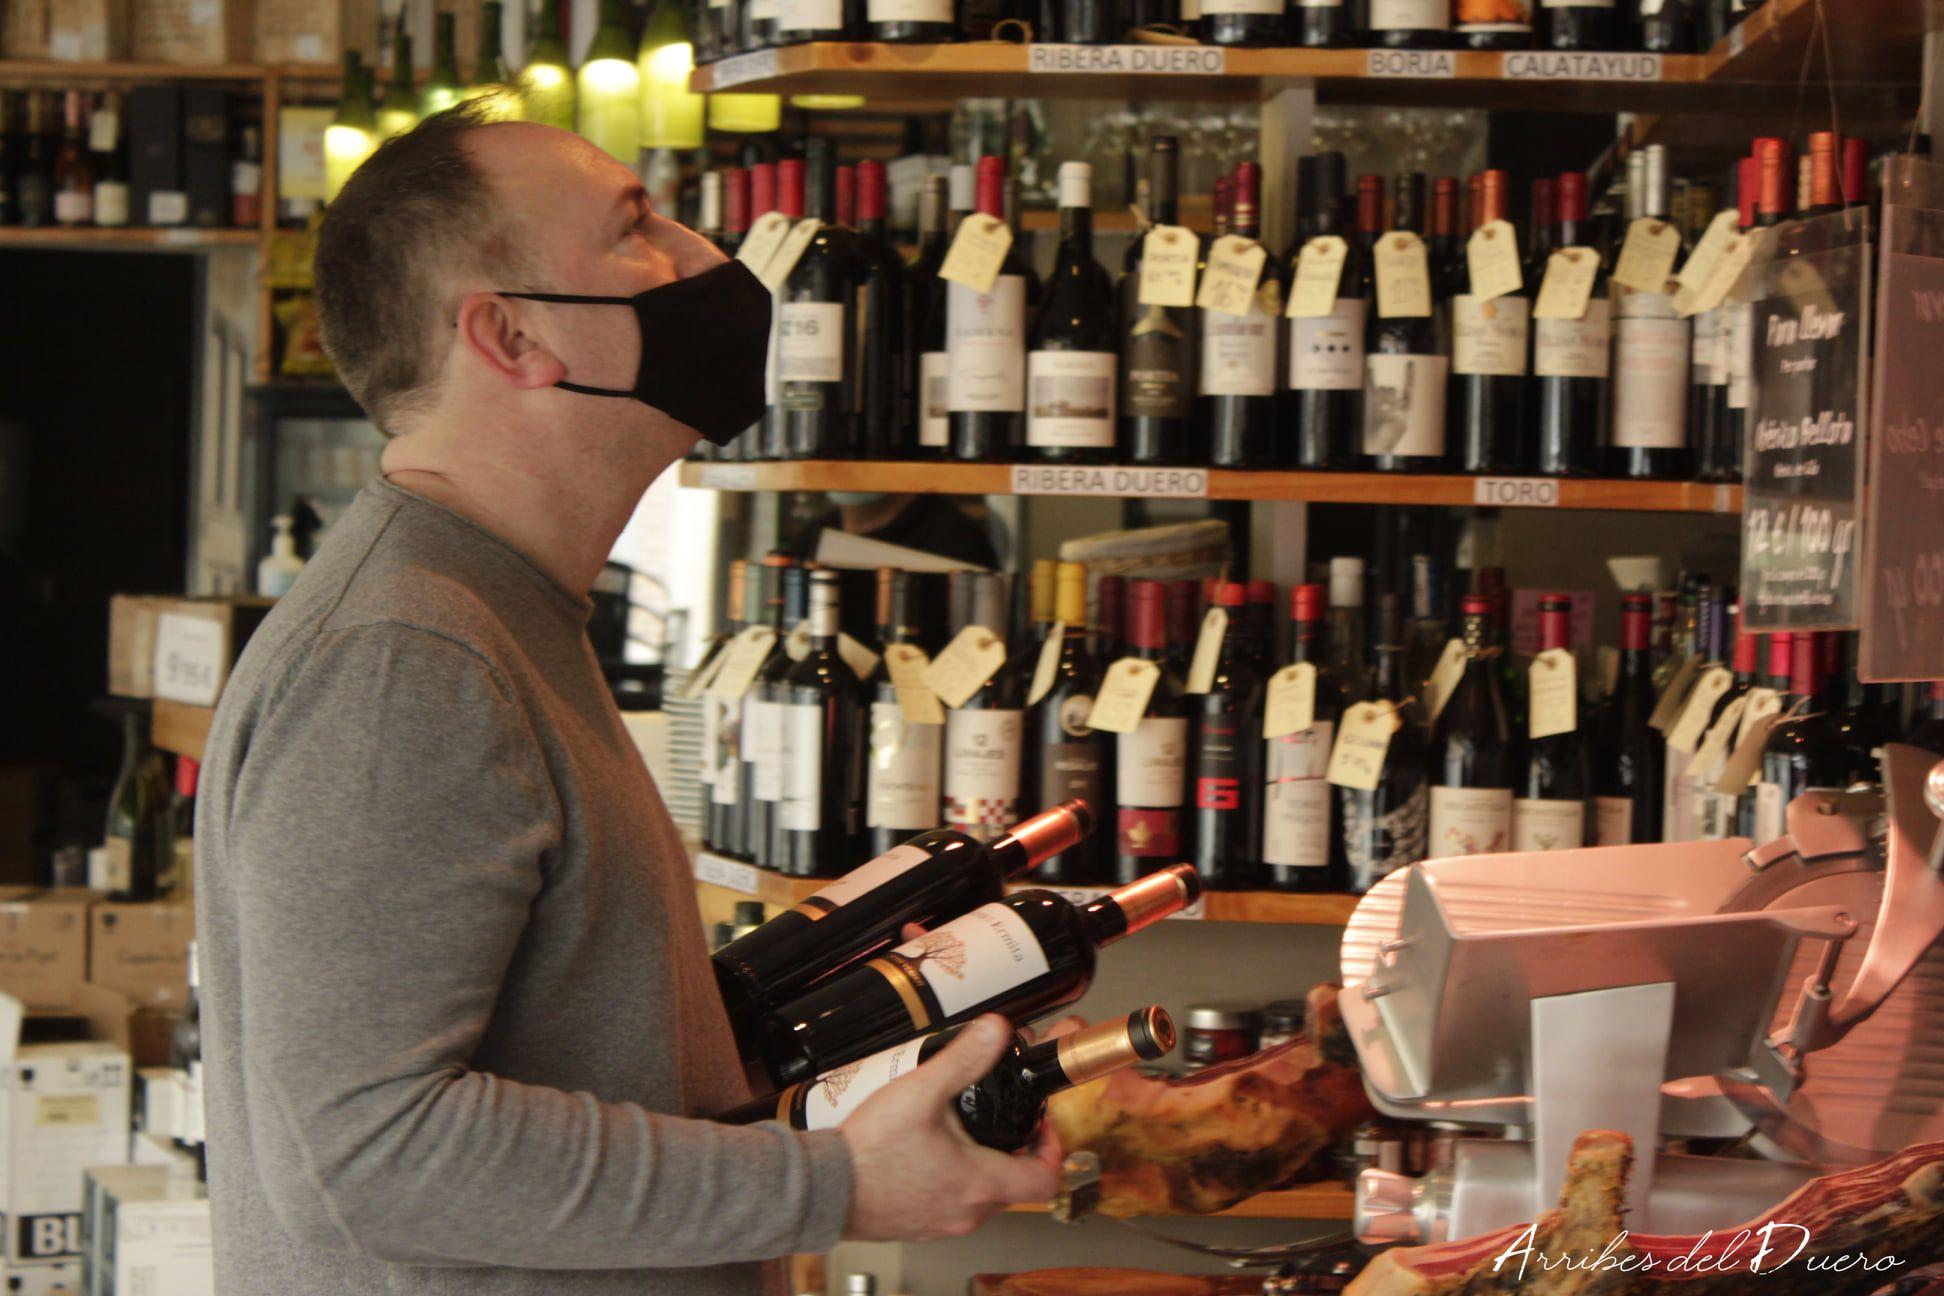 vinoteca arribes del duero Barcelona